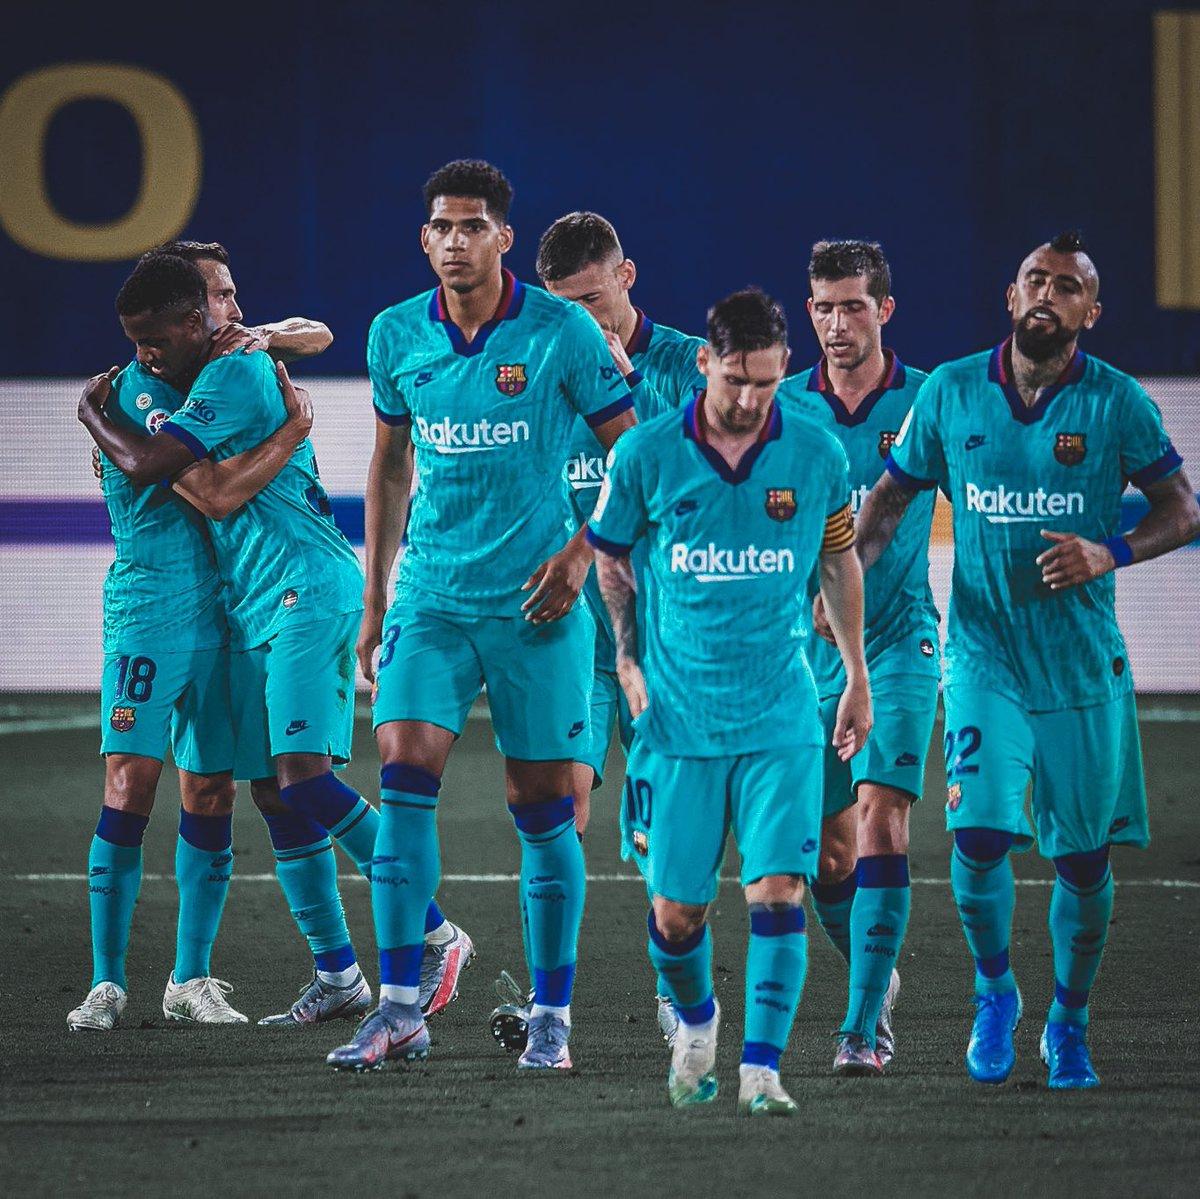 Gran partido del equipo .  Seguimos luchando hasta el final!  Força barça. Gloria a Dios ! 💪🏽🙏🏾🔵🔴